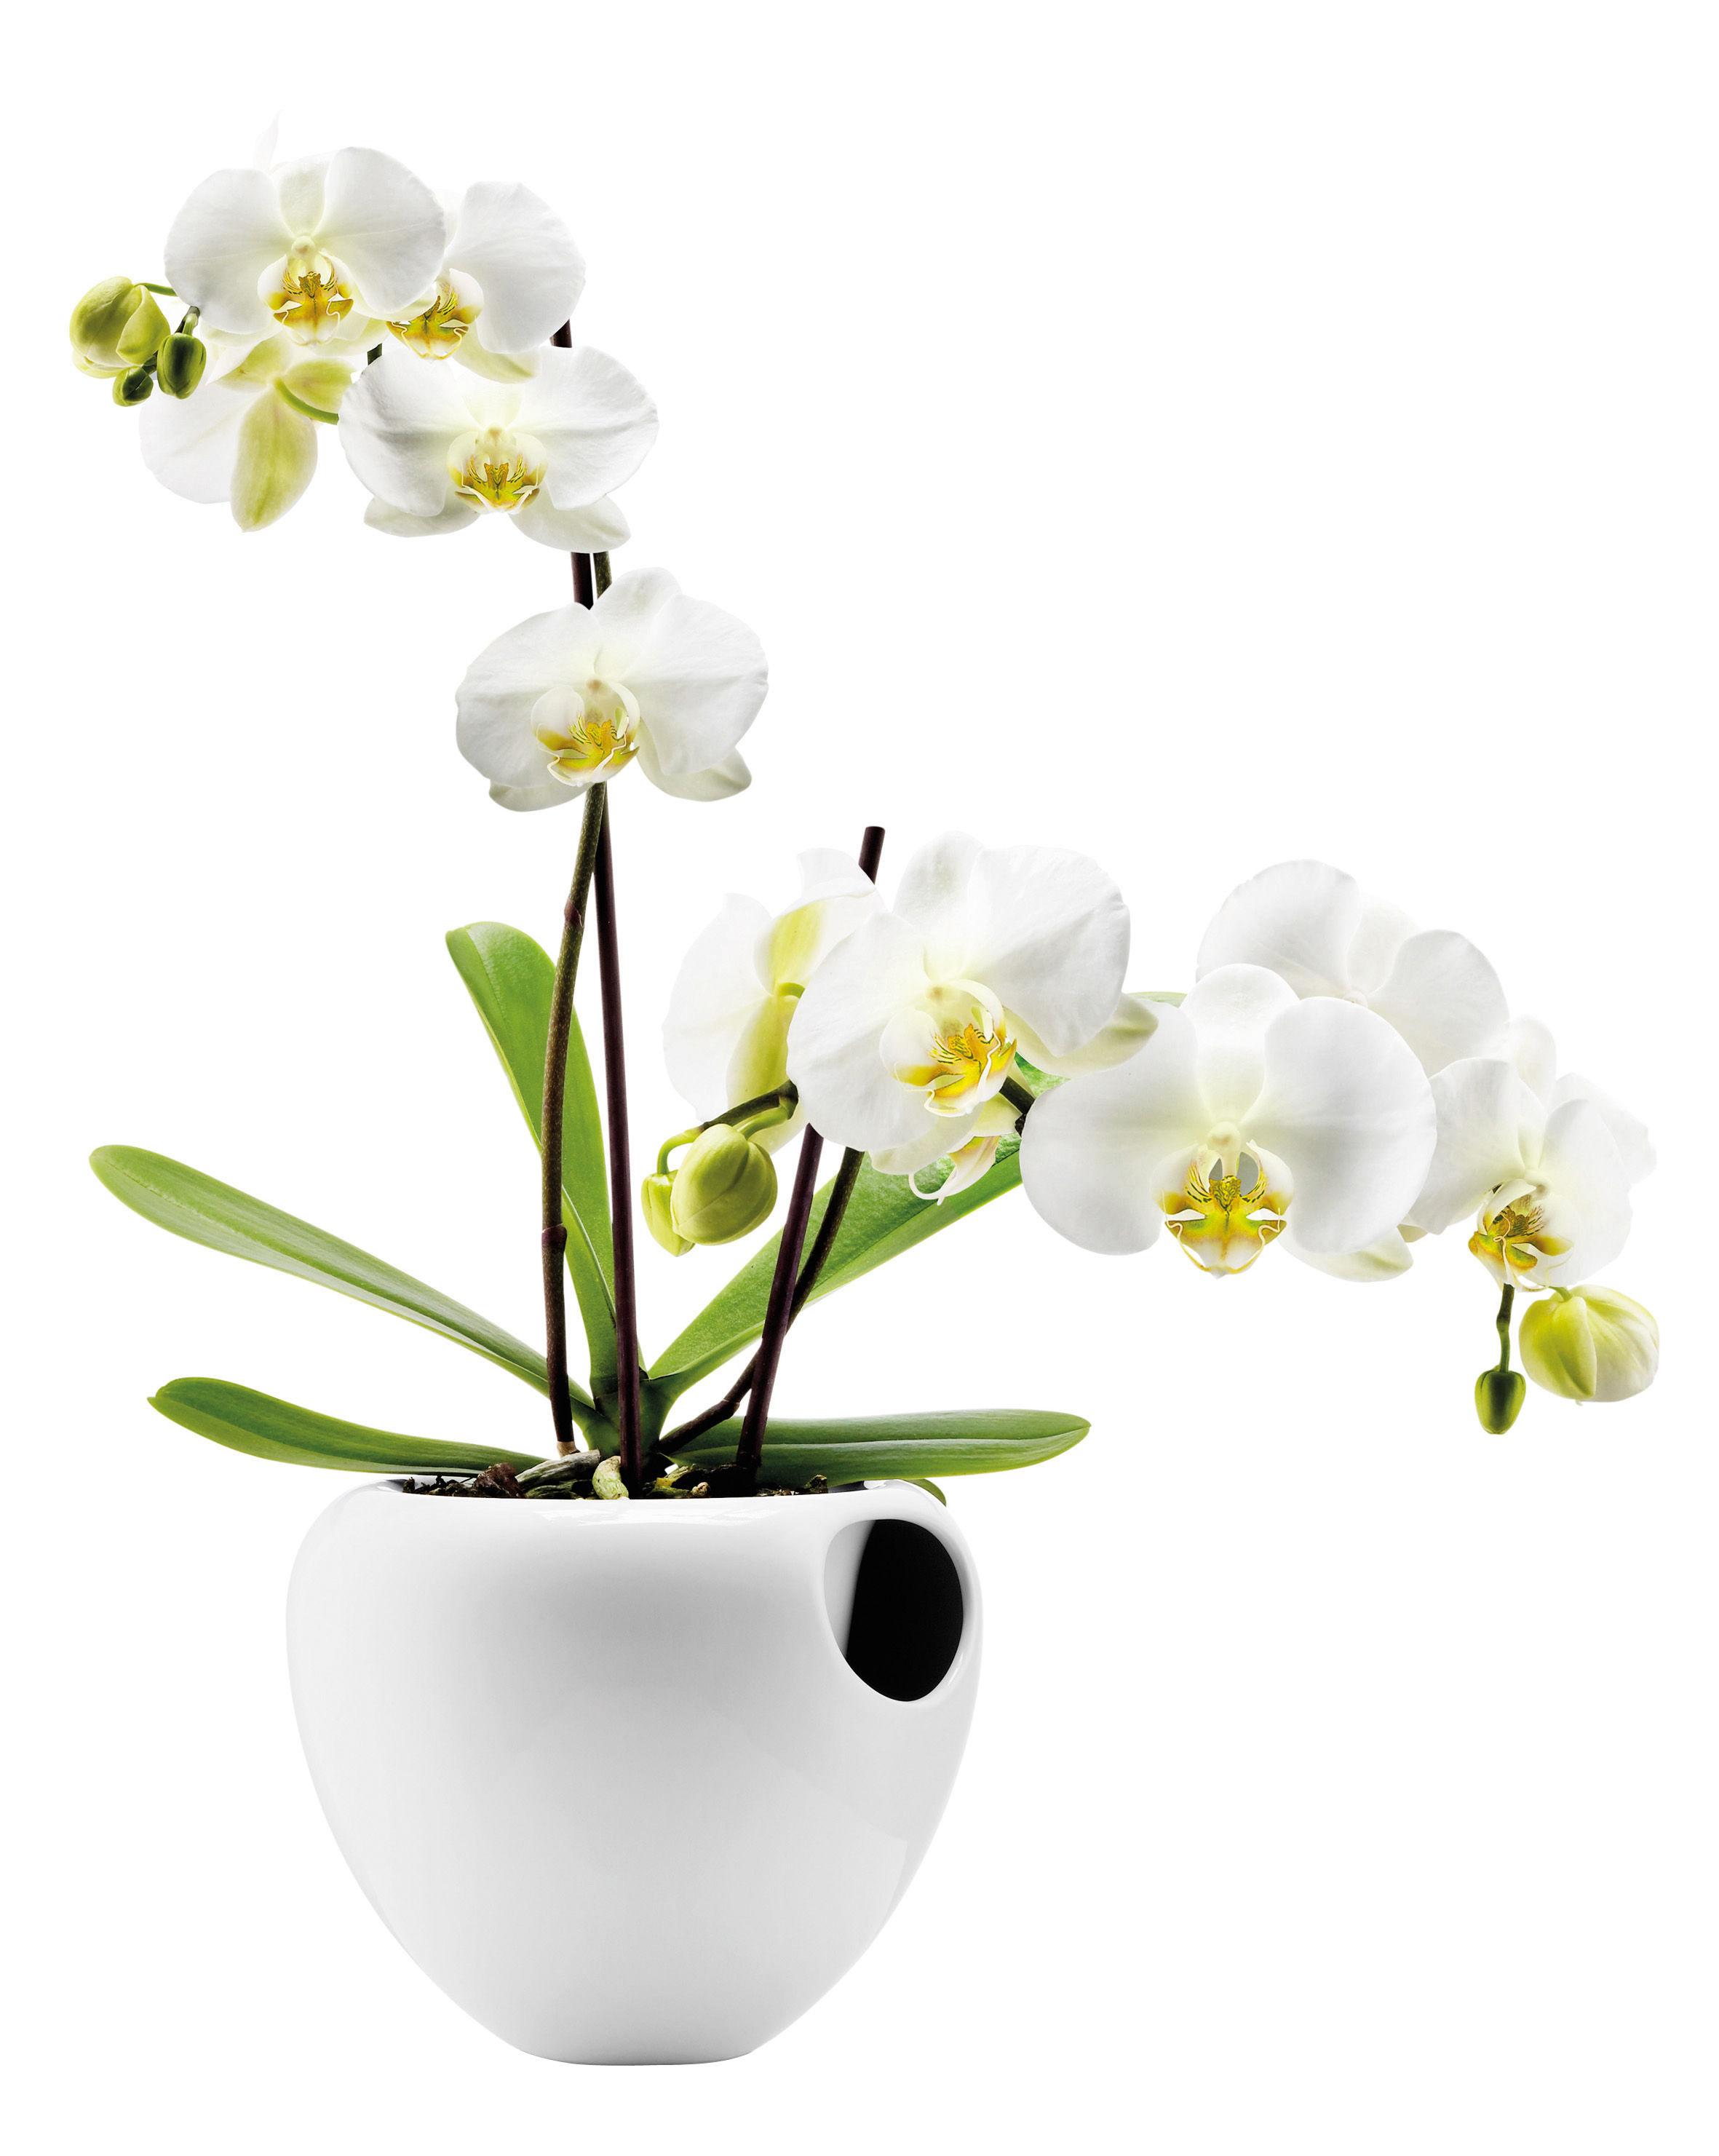 Outdoor - Pots et plantes - Pot à réserve d'eau / Pour orchidée - Eva Solo - Blanc - Faïence